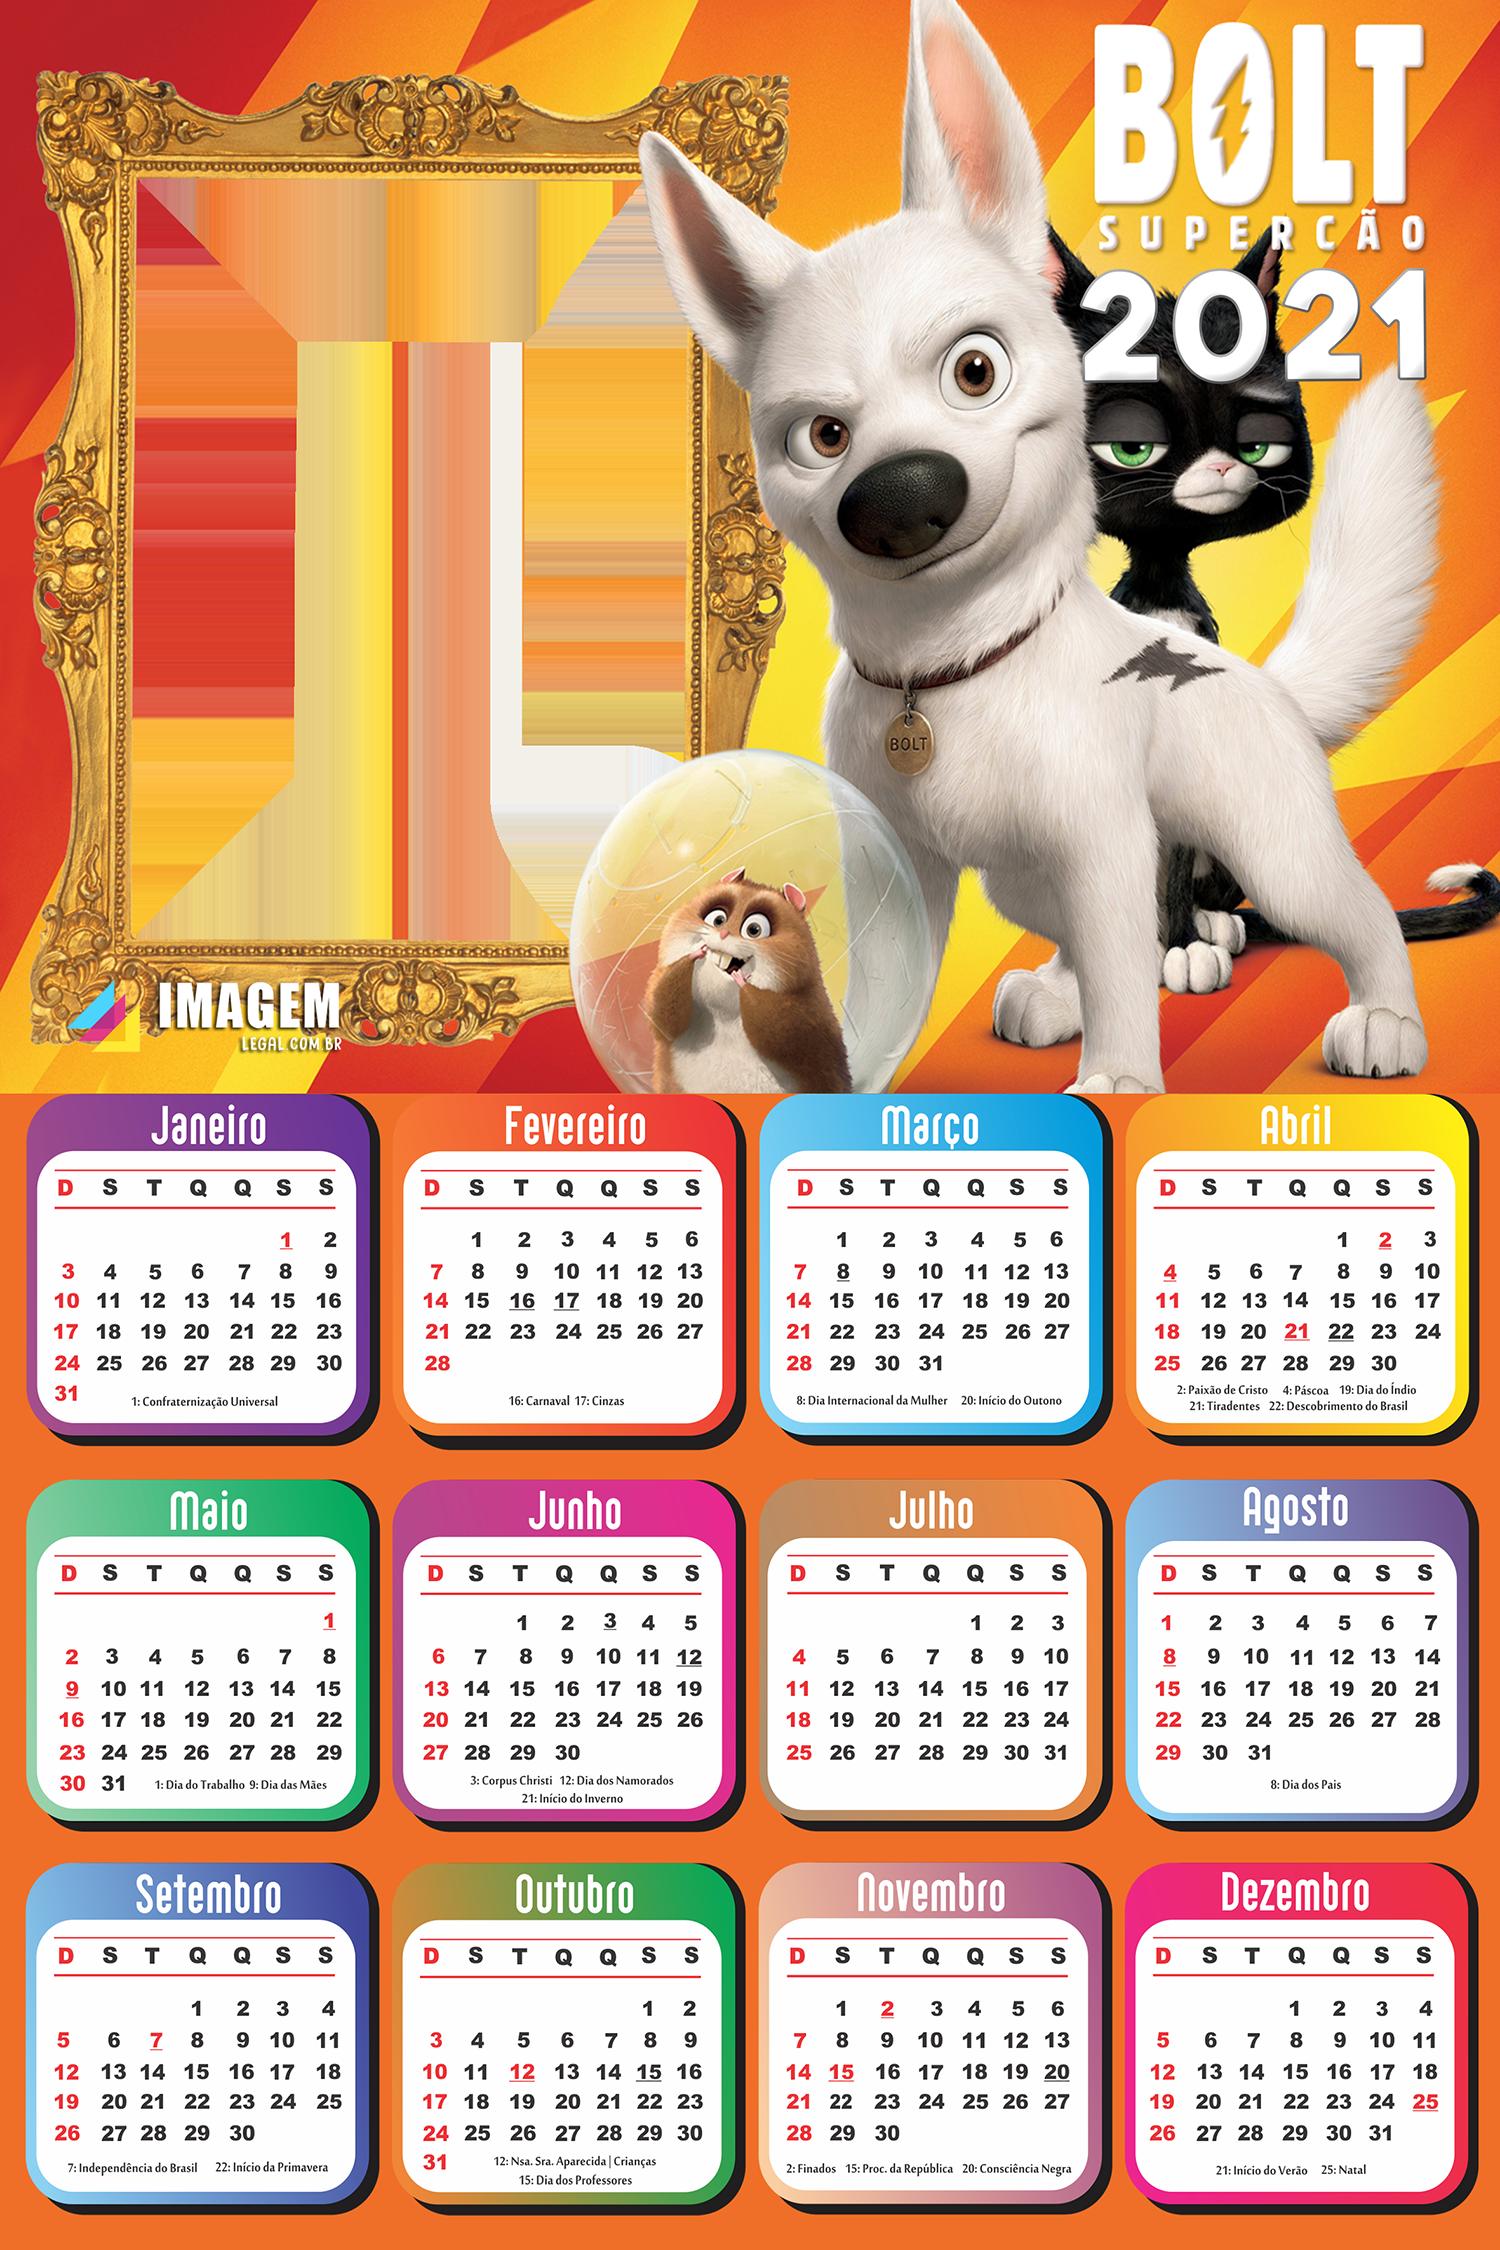 Calendário 2021 Bolt Super Cão Foto Montagem